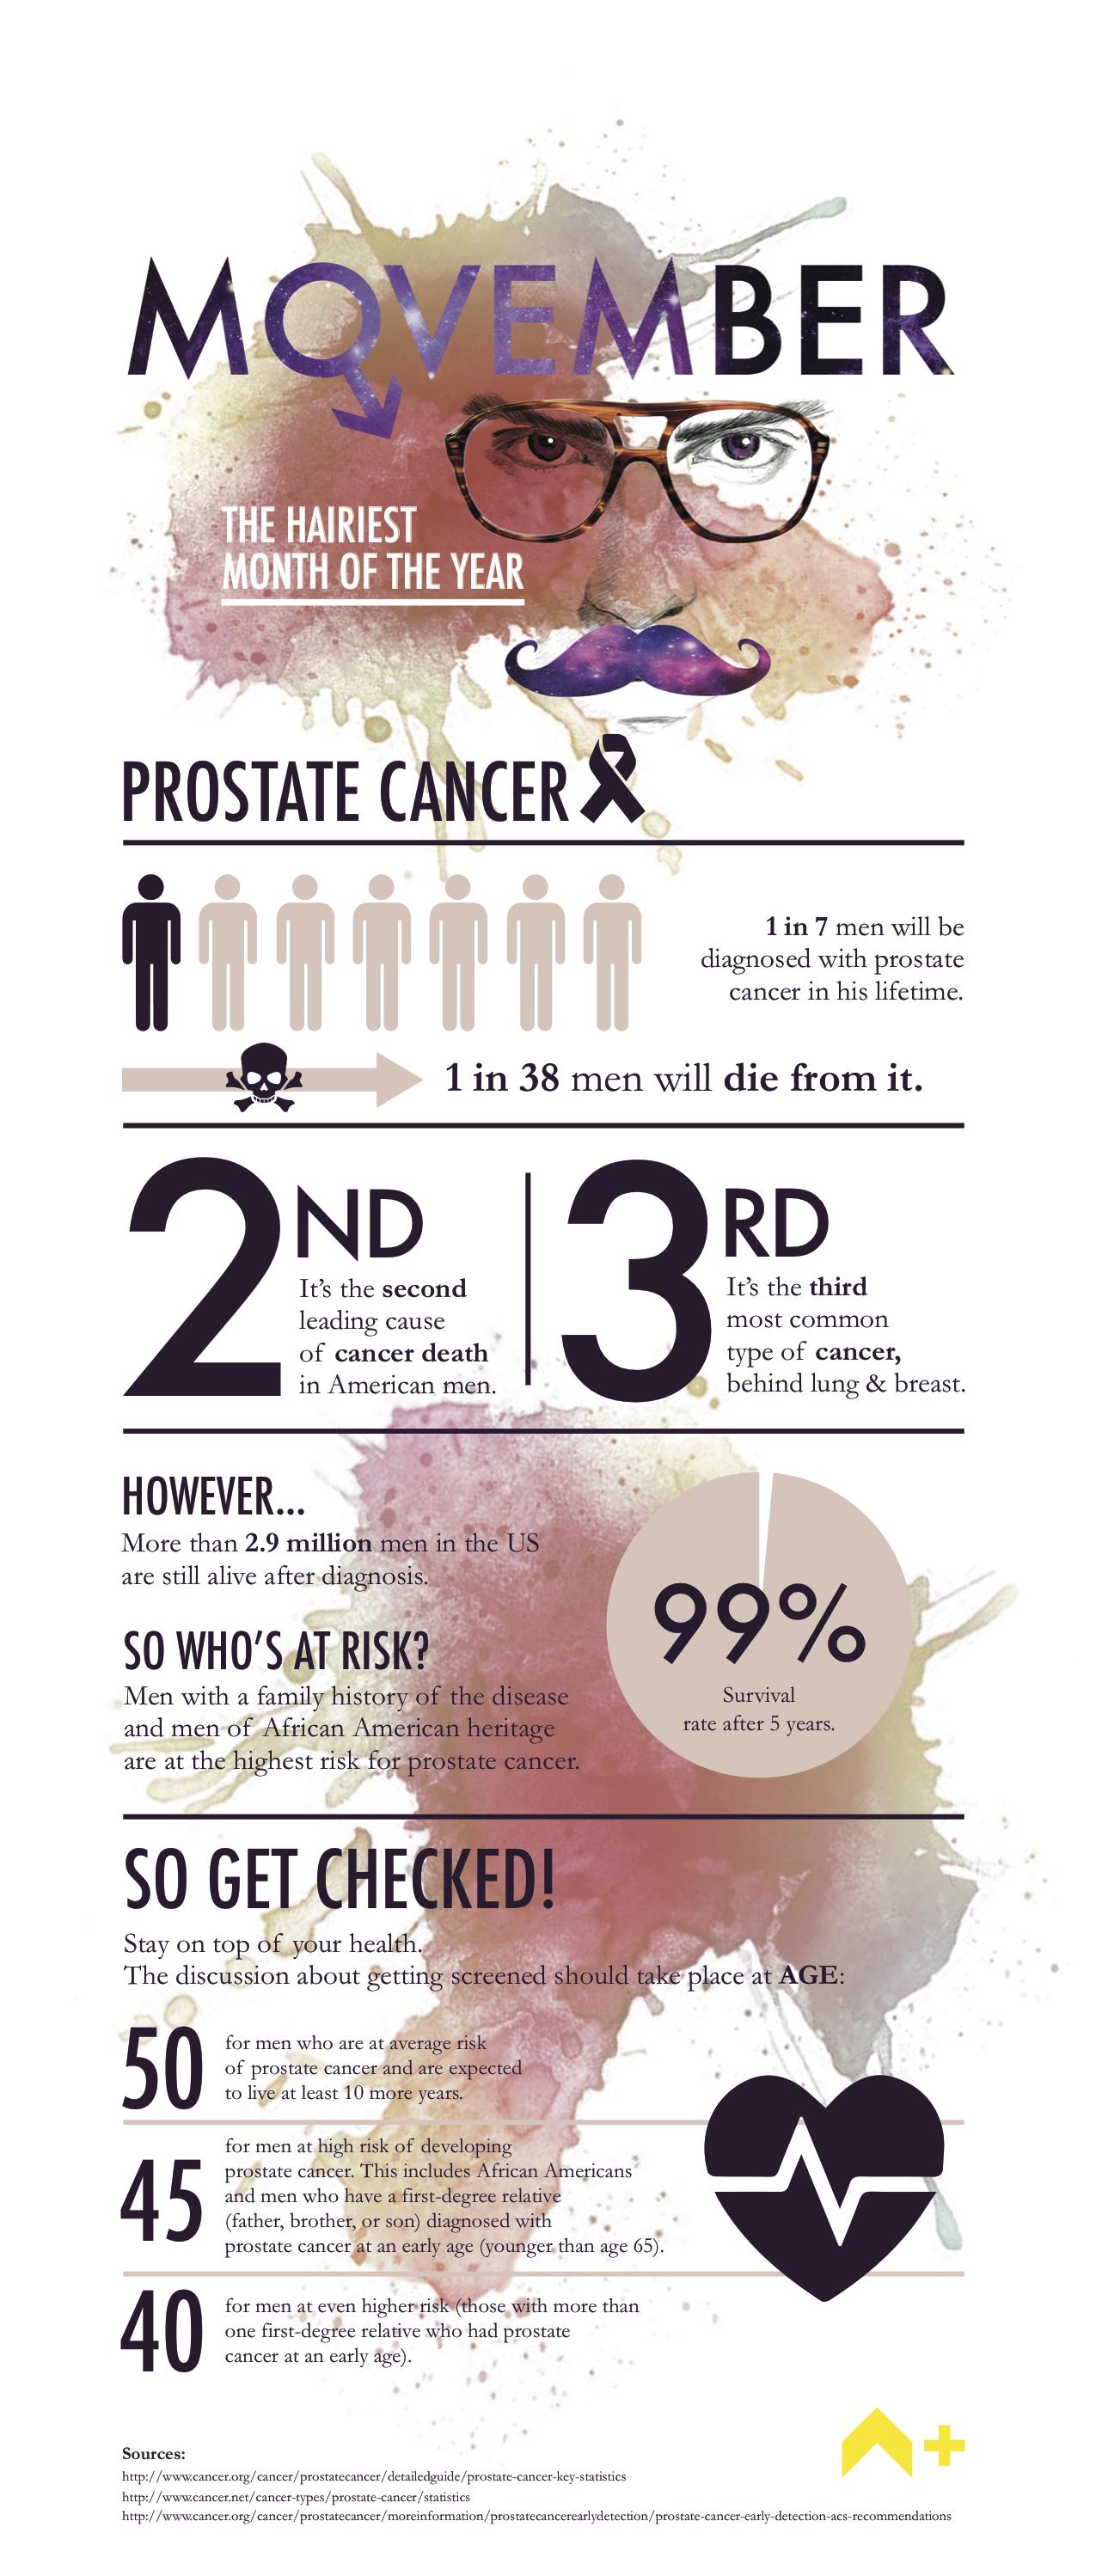 Tények a prosztatarákról, amik megmenthetik az életed